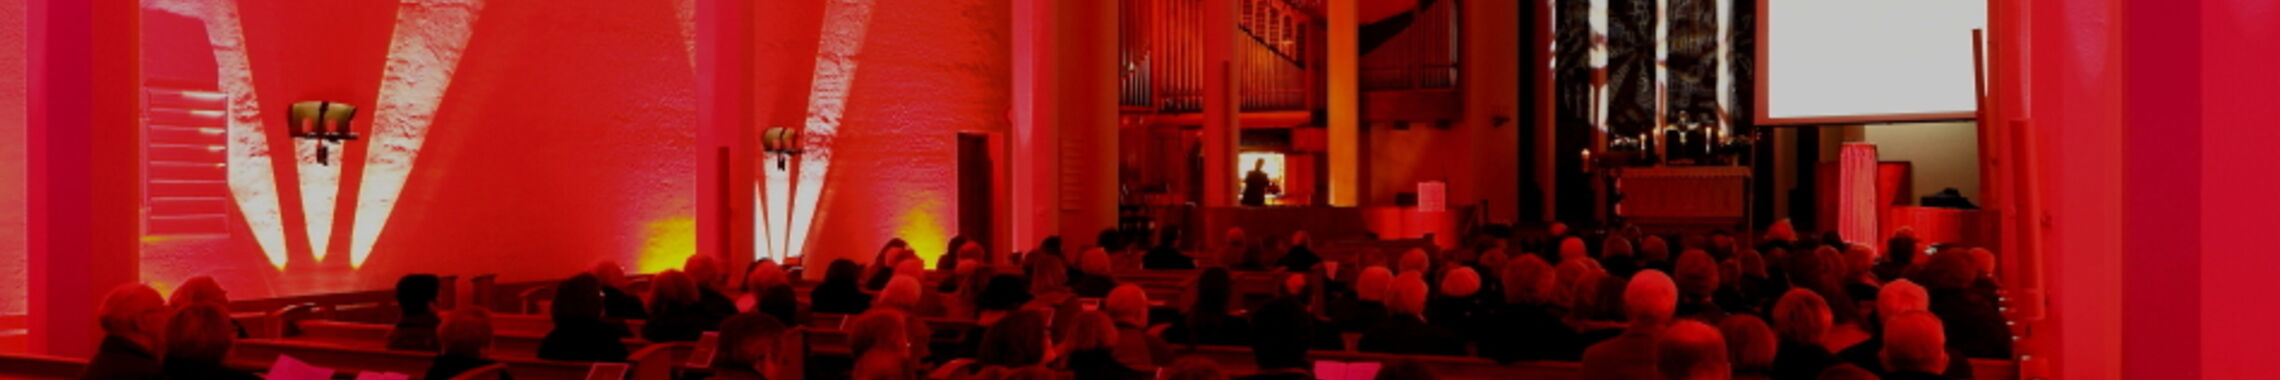 Konzert vox celestis 2014